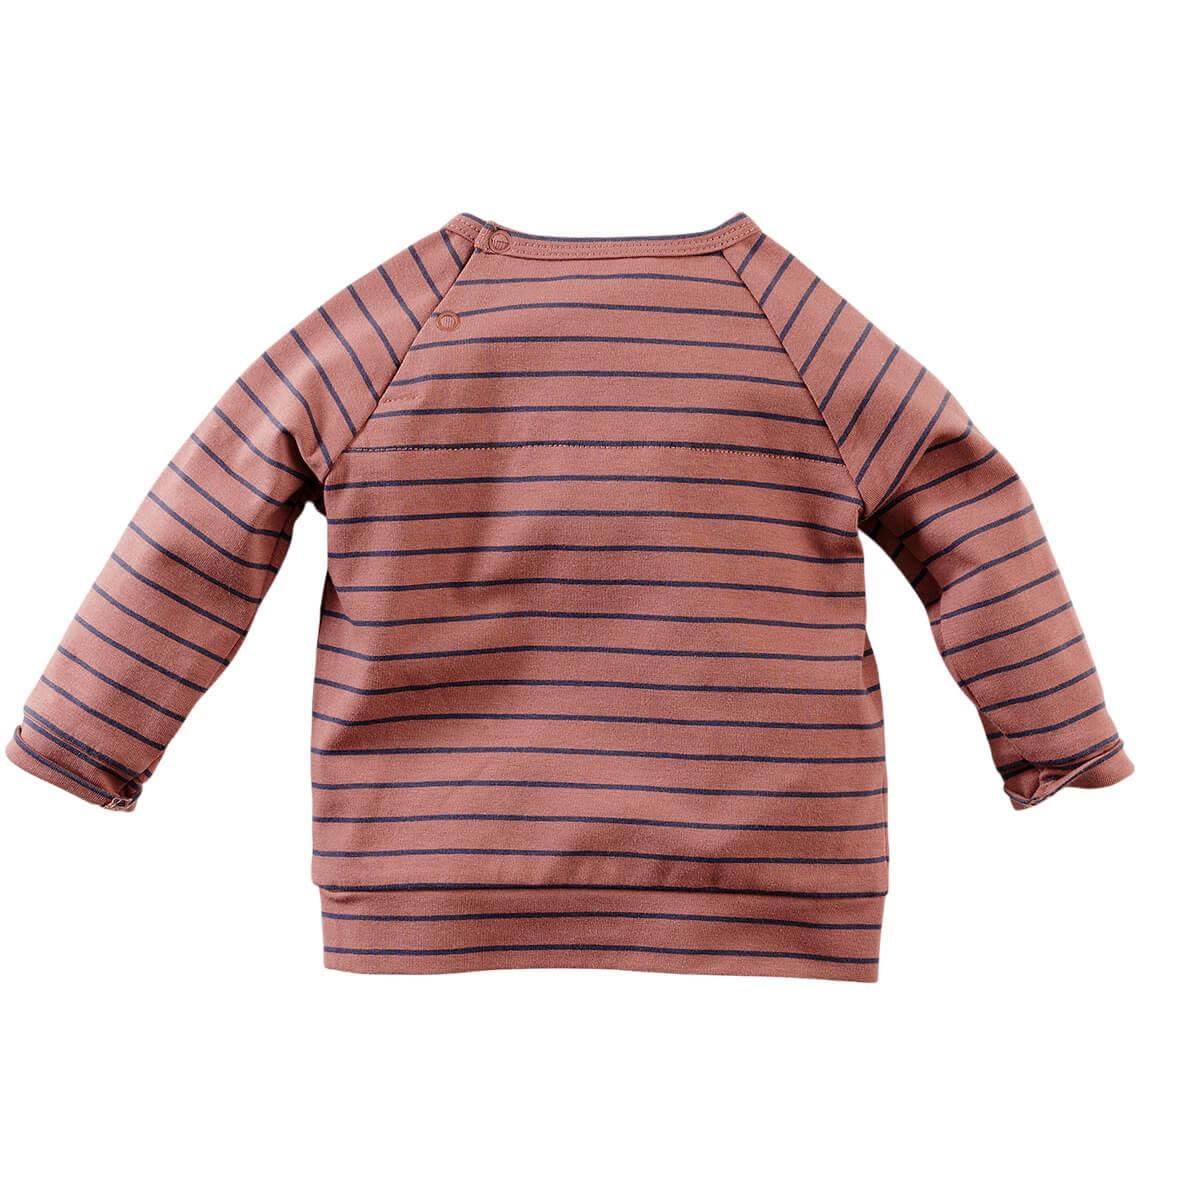 Z8 Timor - Red rust/Stripes